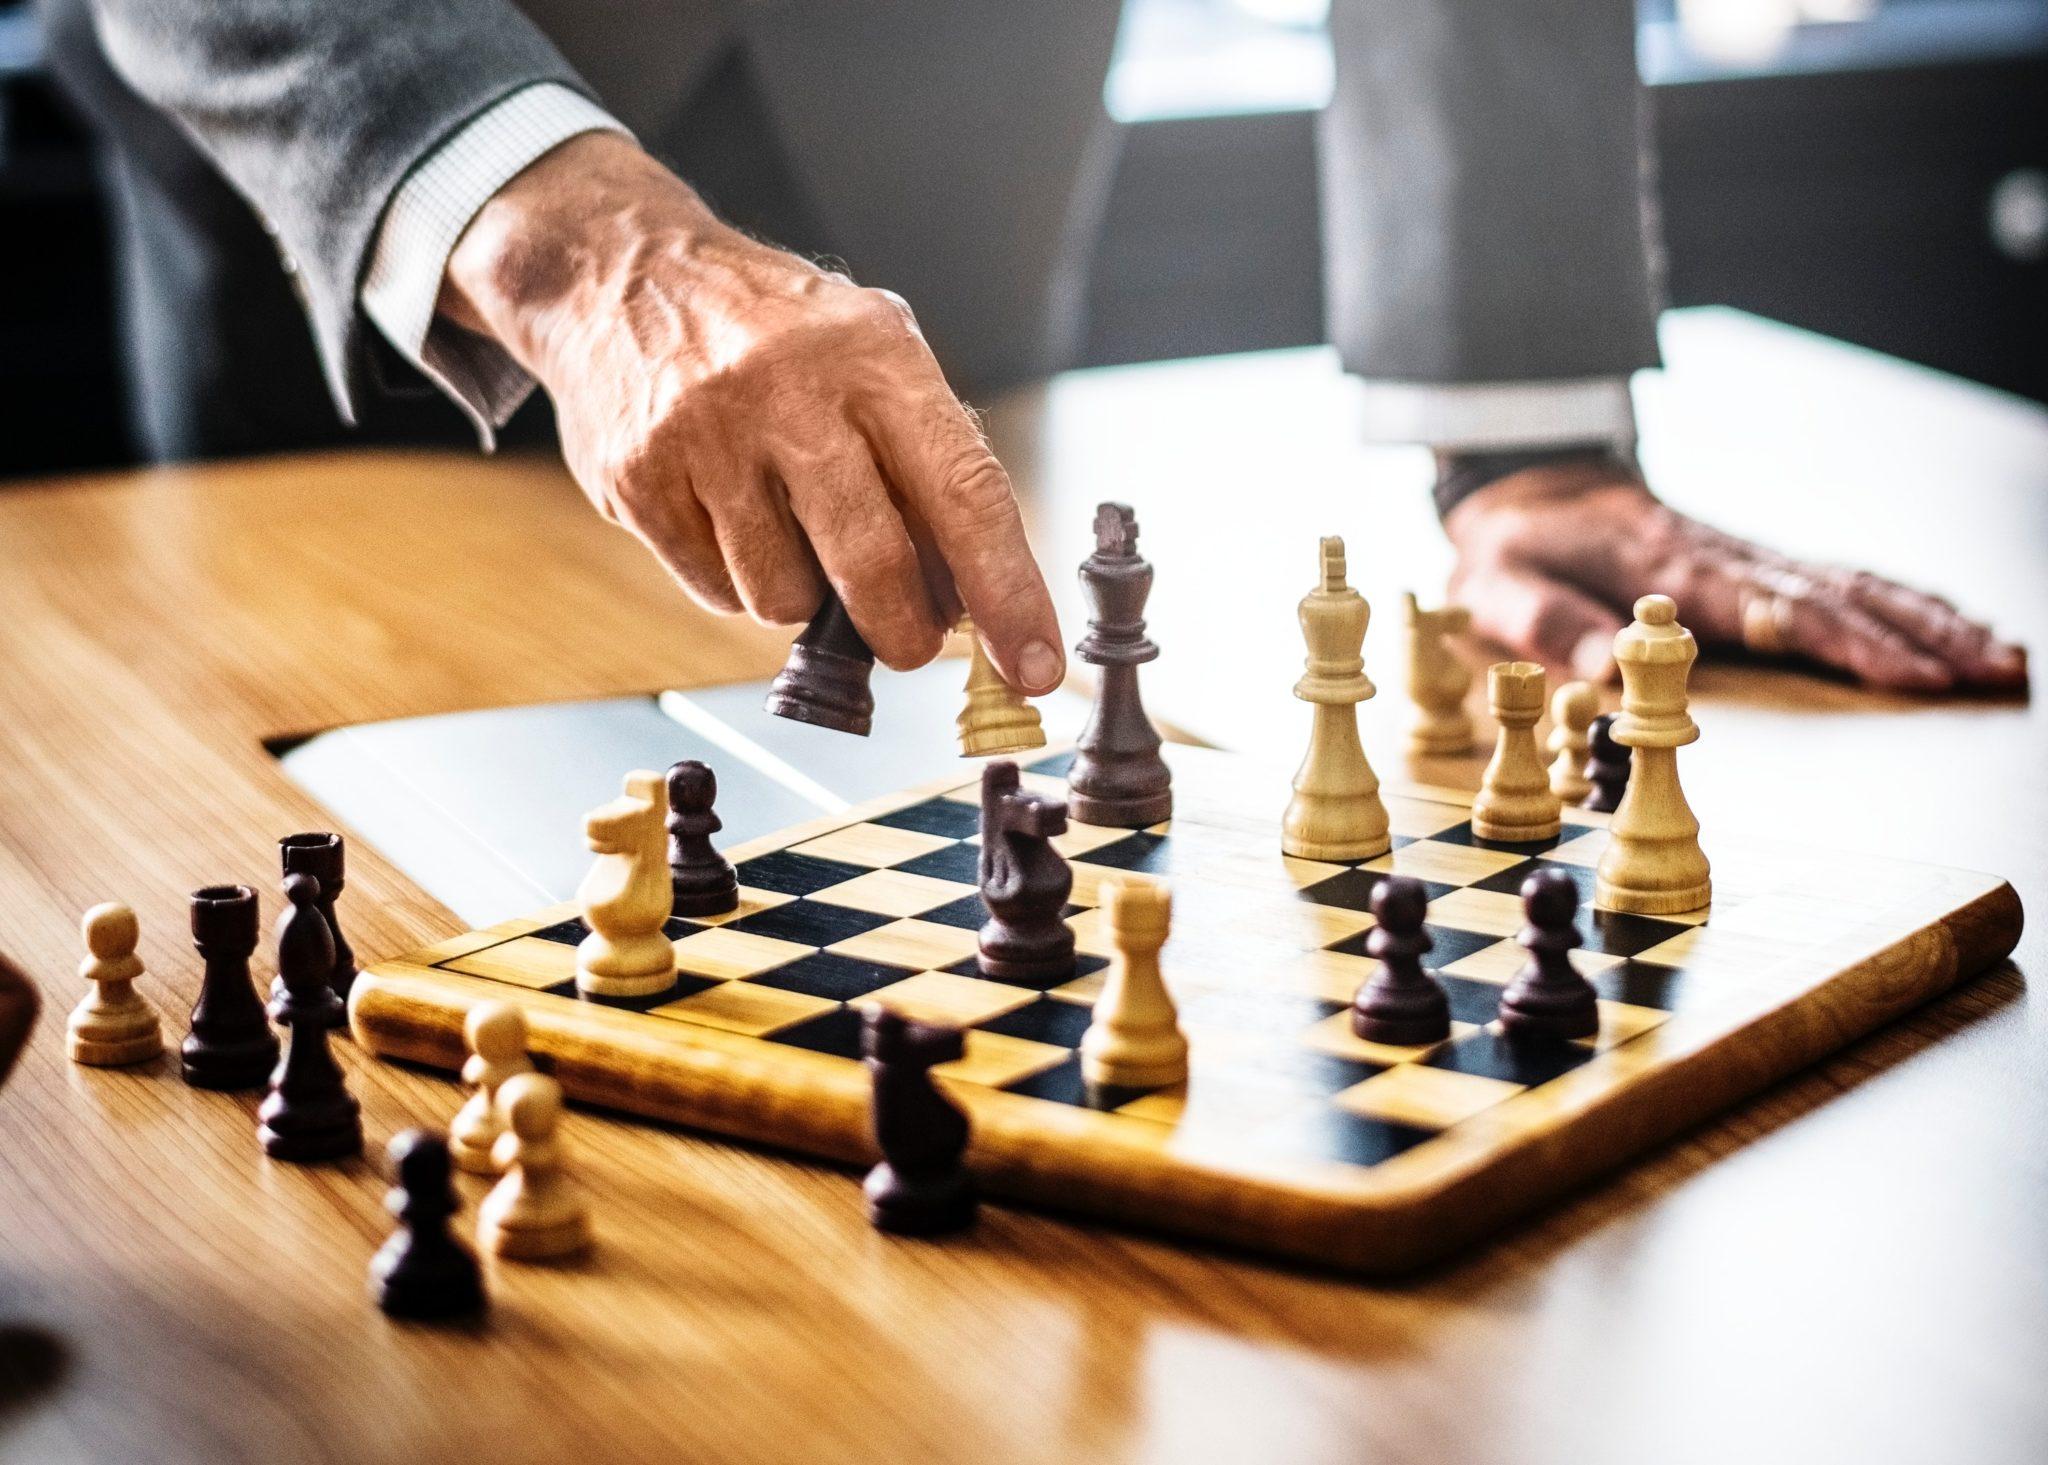 O que é IPO: tabuleiro de xadrez em que homem joga e faz um movimento